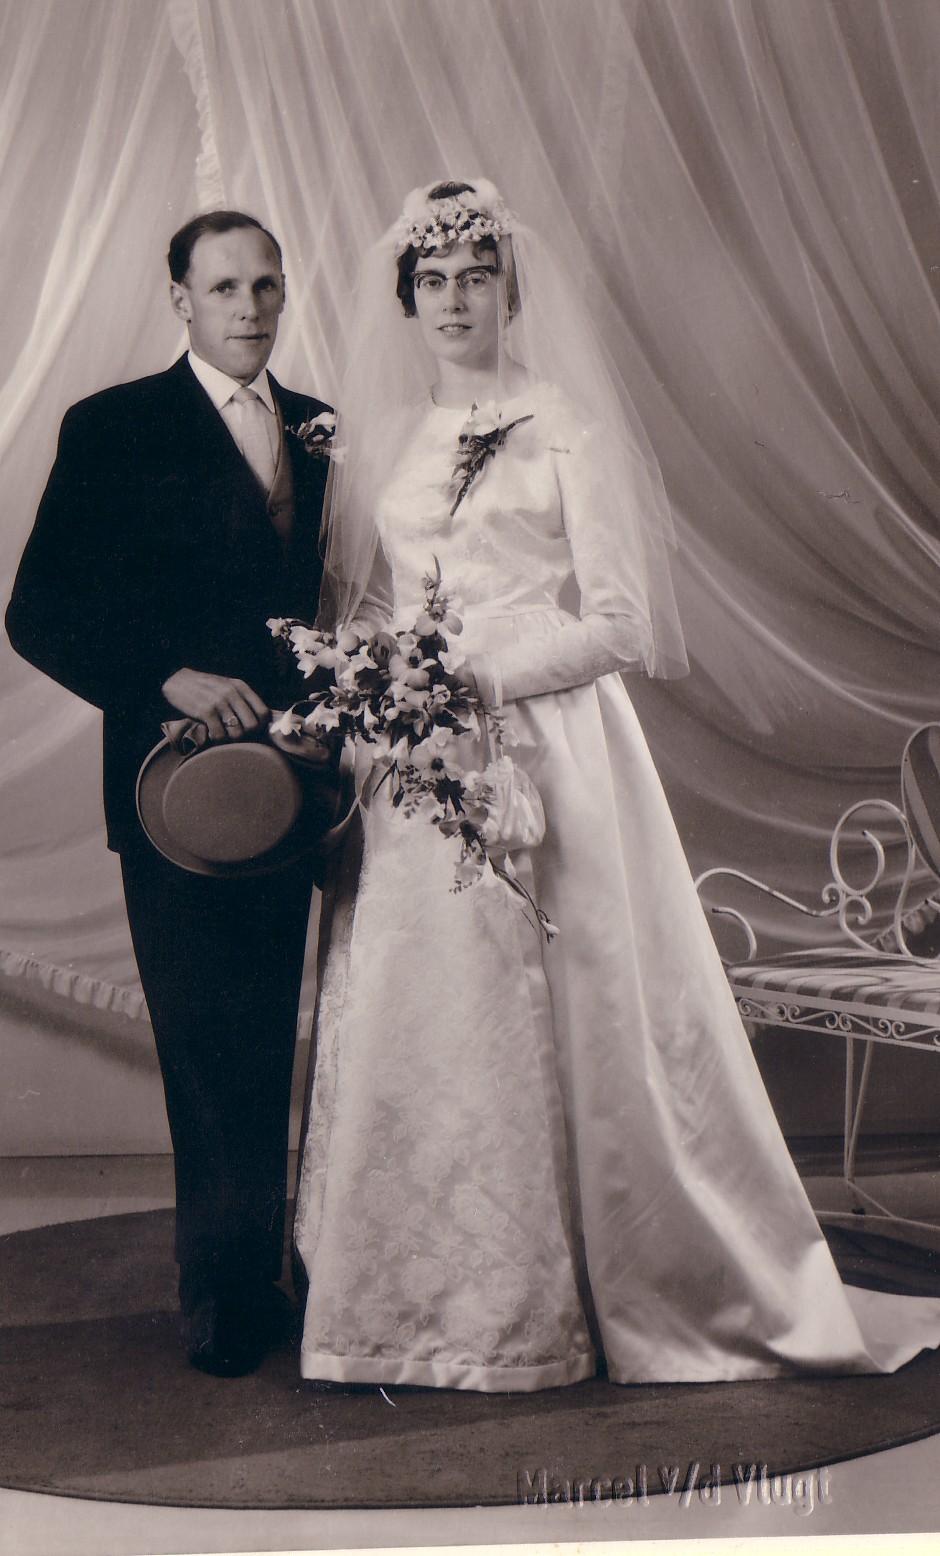 Huwelijk Christiaan van Eijmeren en Maria Phernambucq (1963)